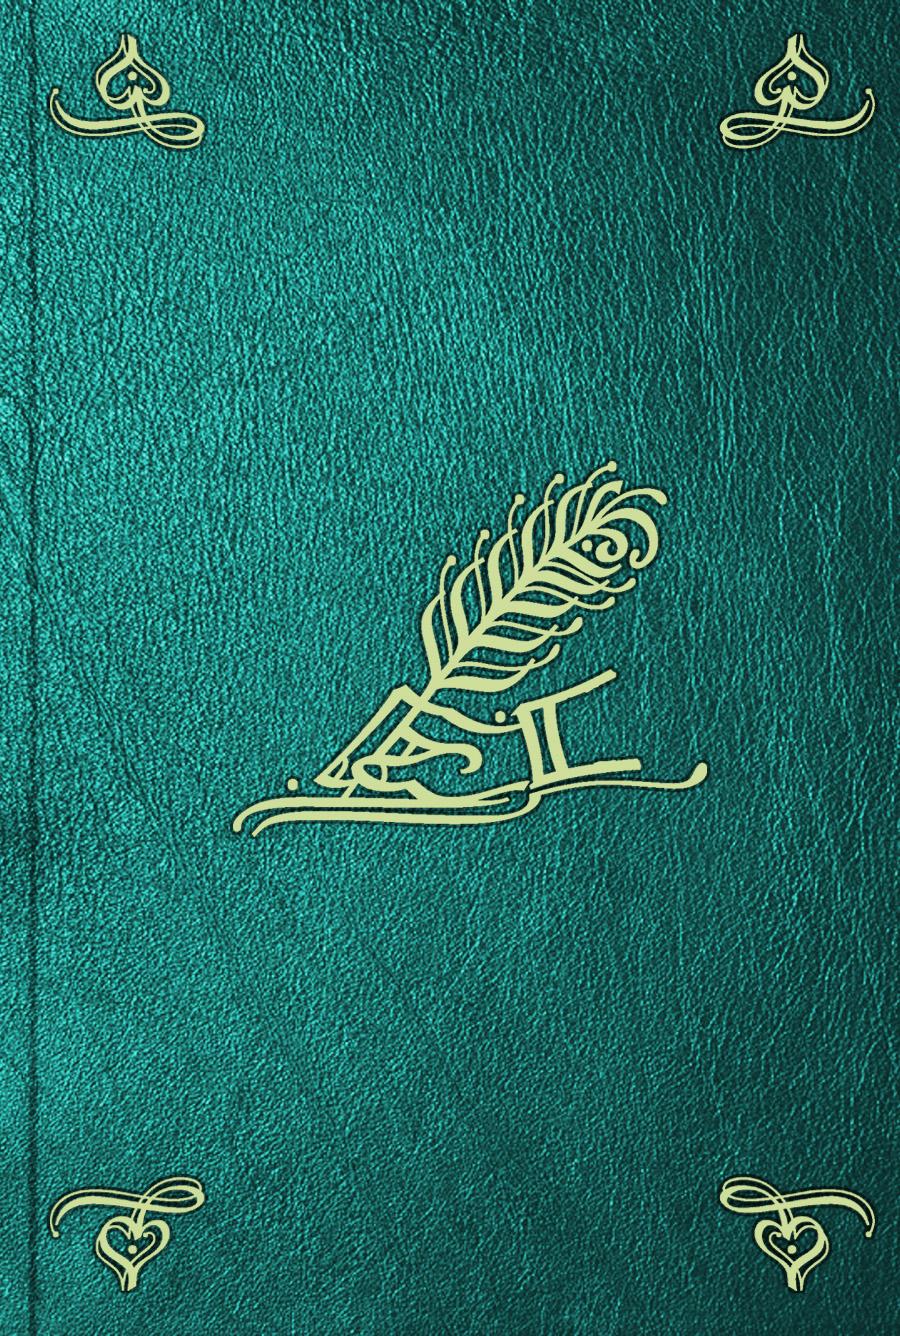 Antoine Claire Thibaudeau Memoires sur la Convention, et le Directoire. T. 2 erodoto alicarnasseo le nove muse t 1